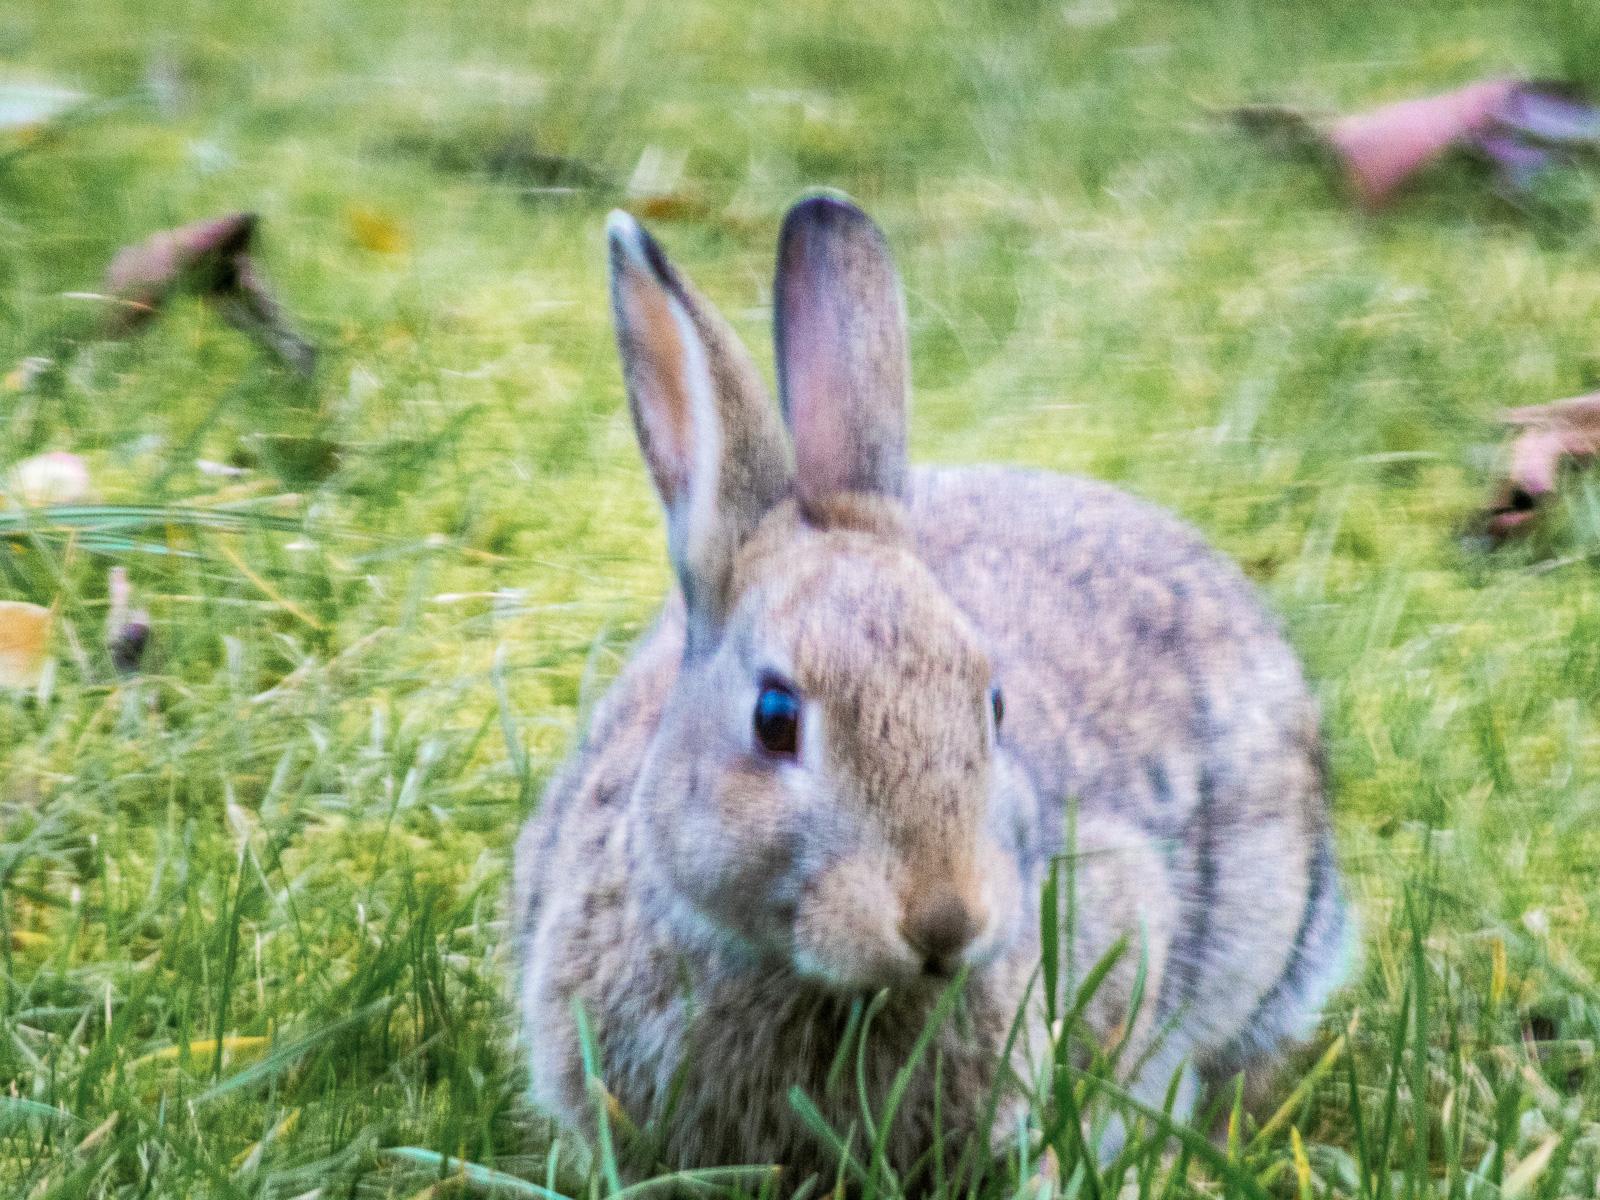 Kaninchen im Gras, sich wegdrehend, aufrechte Ohren